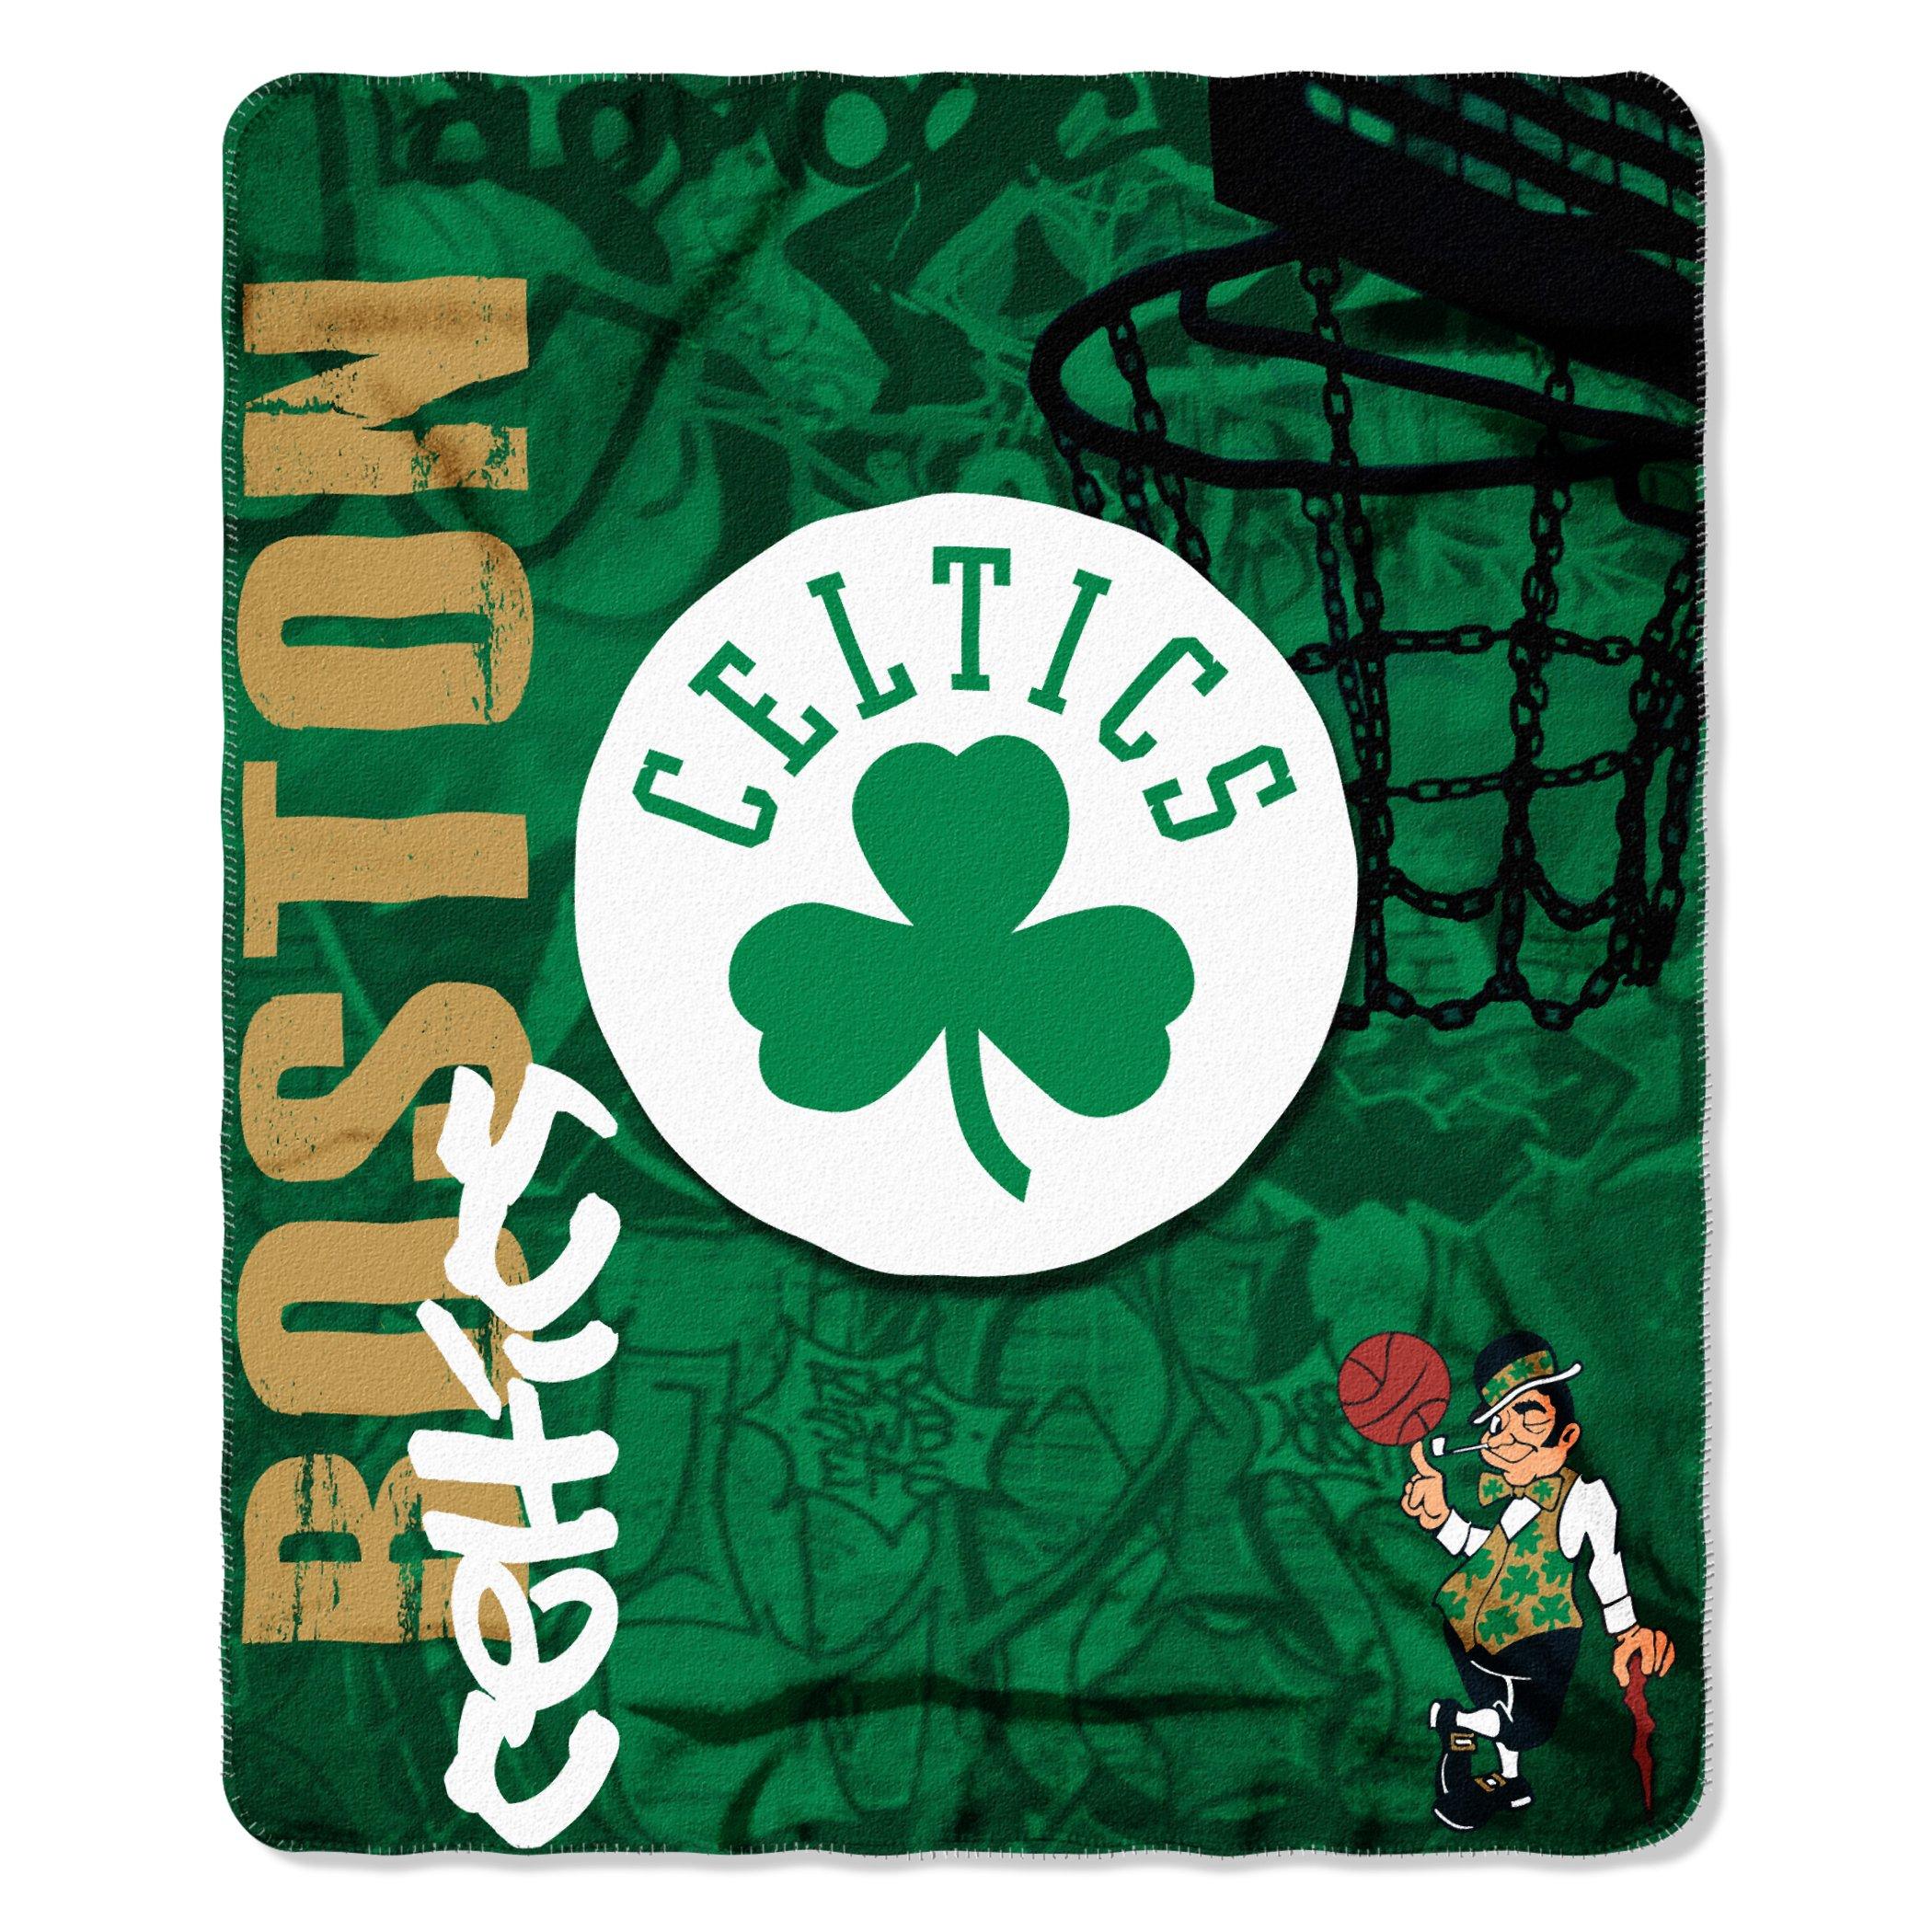 Buy Celtics Now!